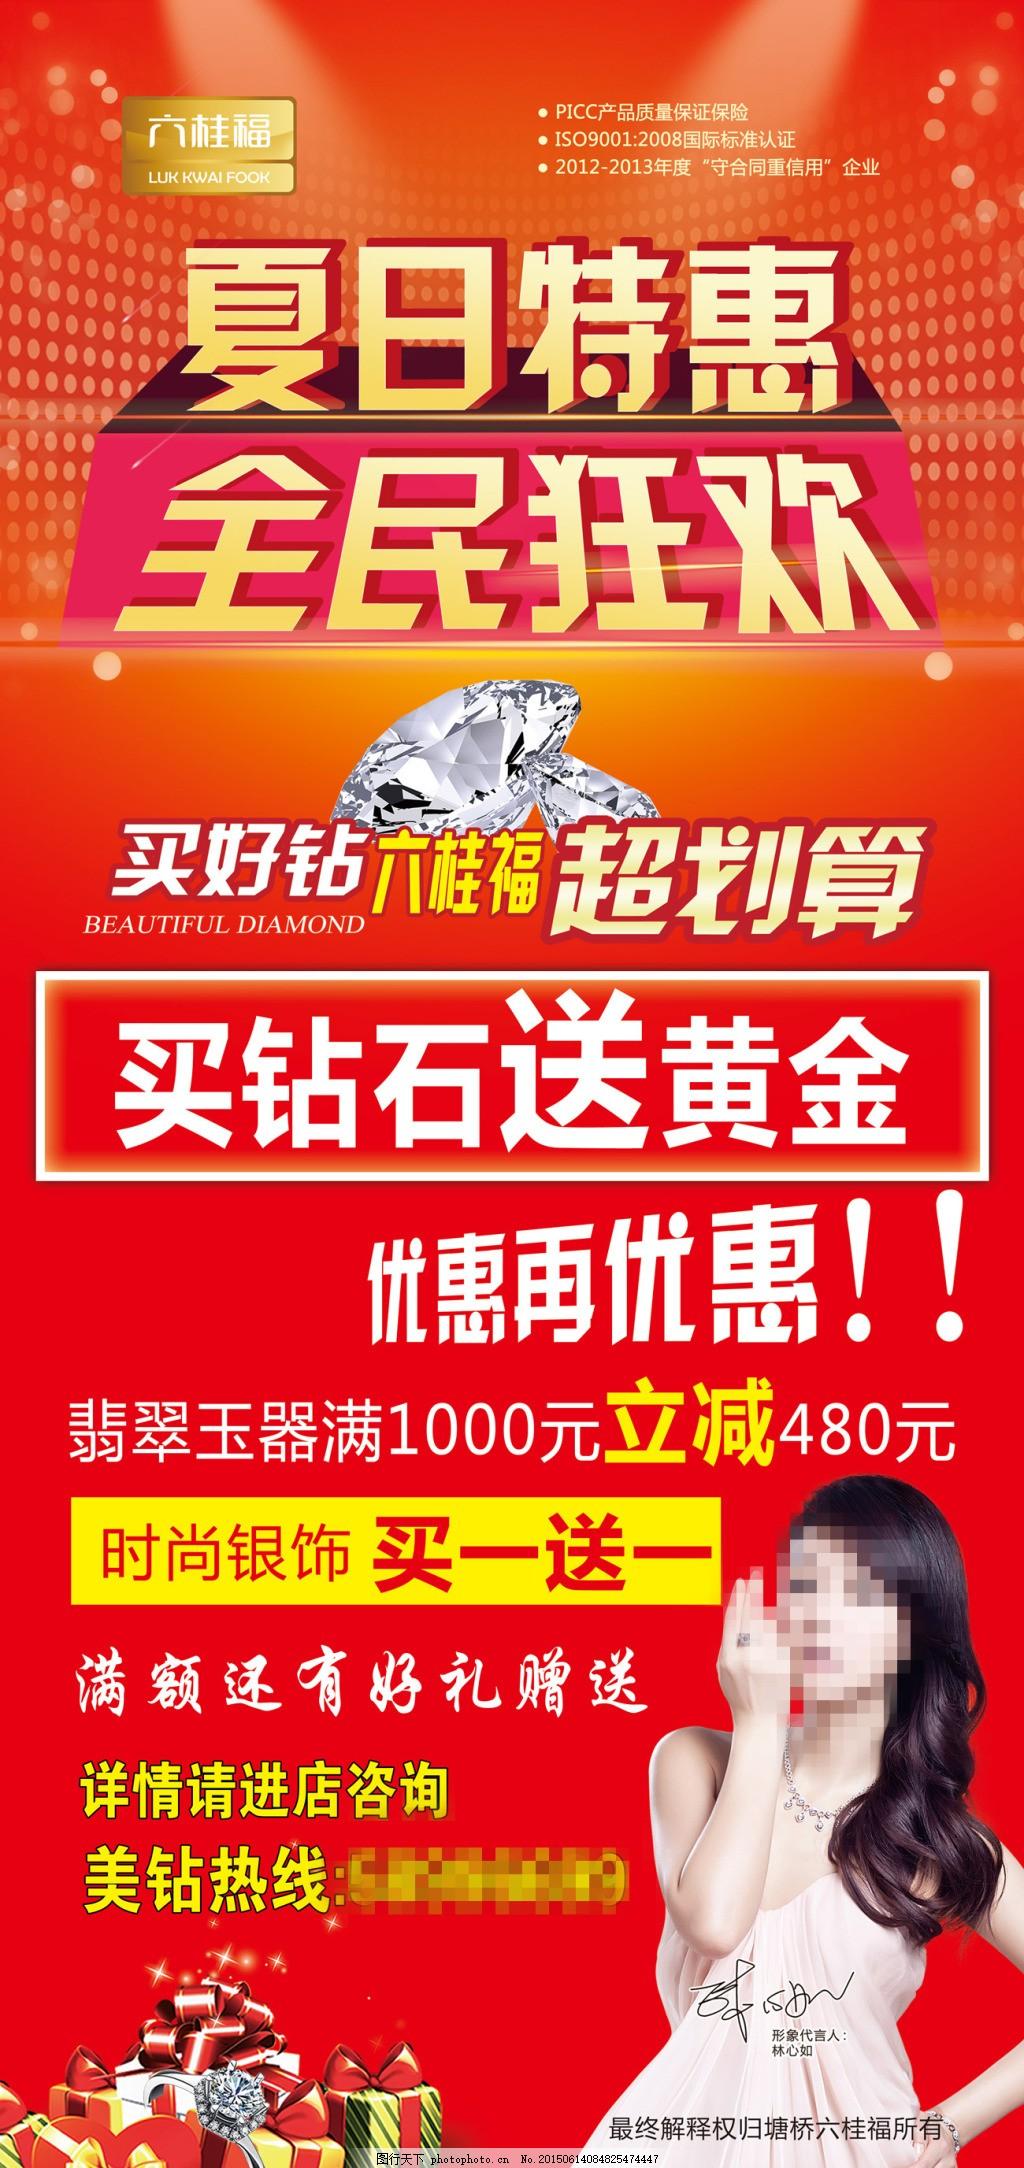 夏日特惠 全民狂欢 红底海报 钻石 六桂福 林心如 礼品盒 放射光图片